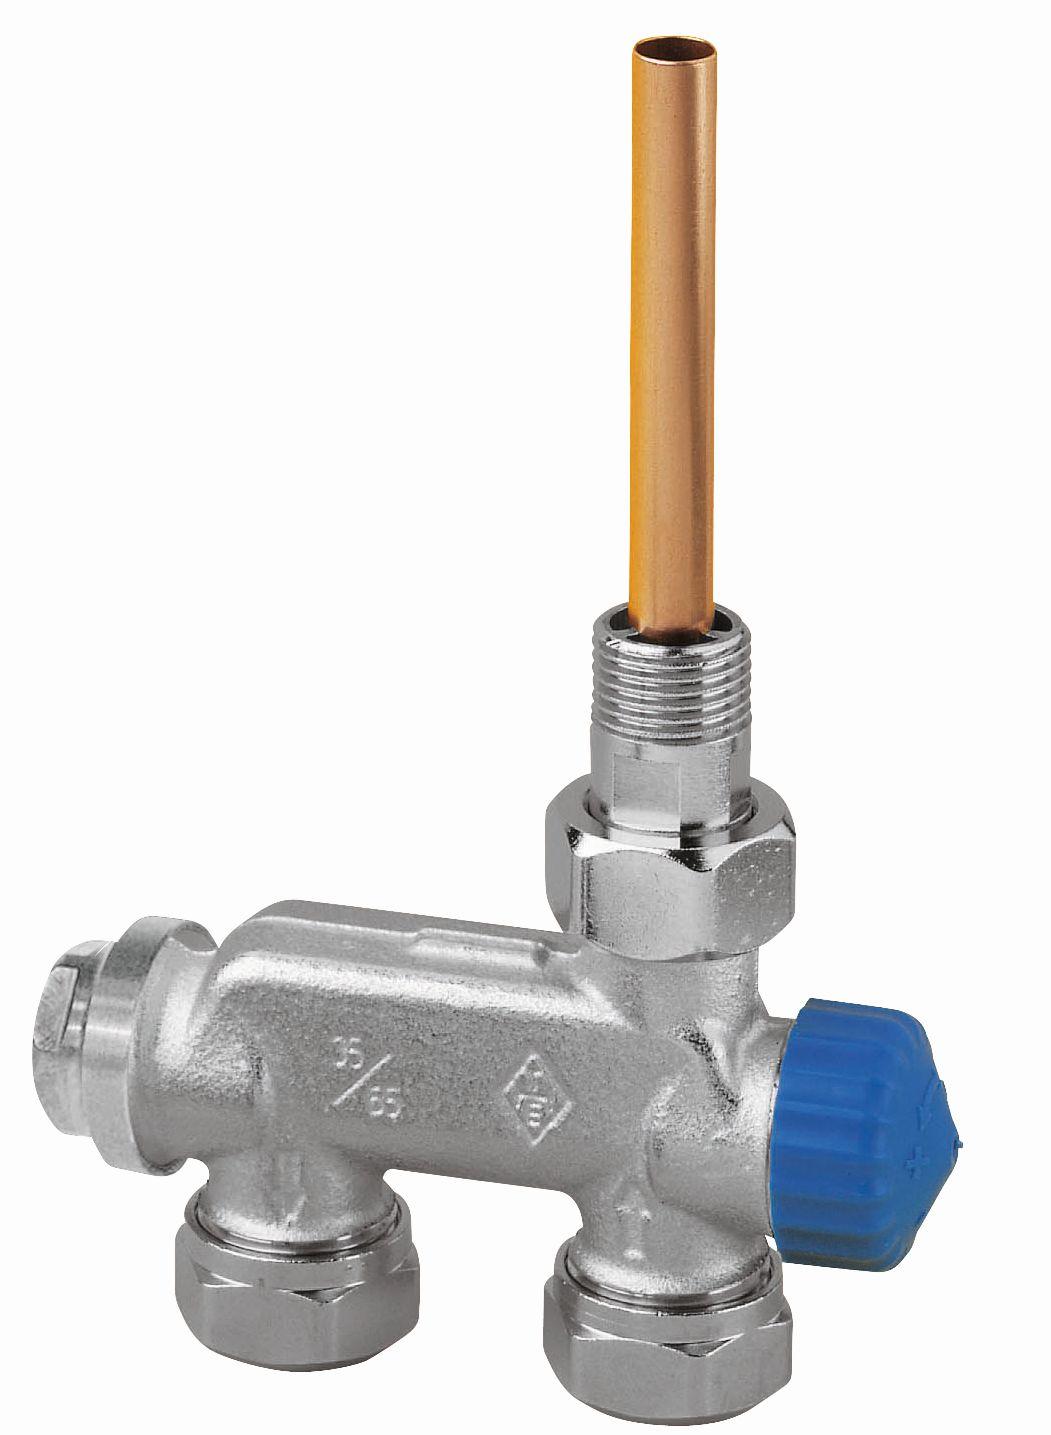 HEIMEIER radiátorový ventil E-Z přímý, jednotrubková s. 3876-02.000